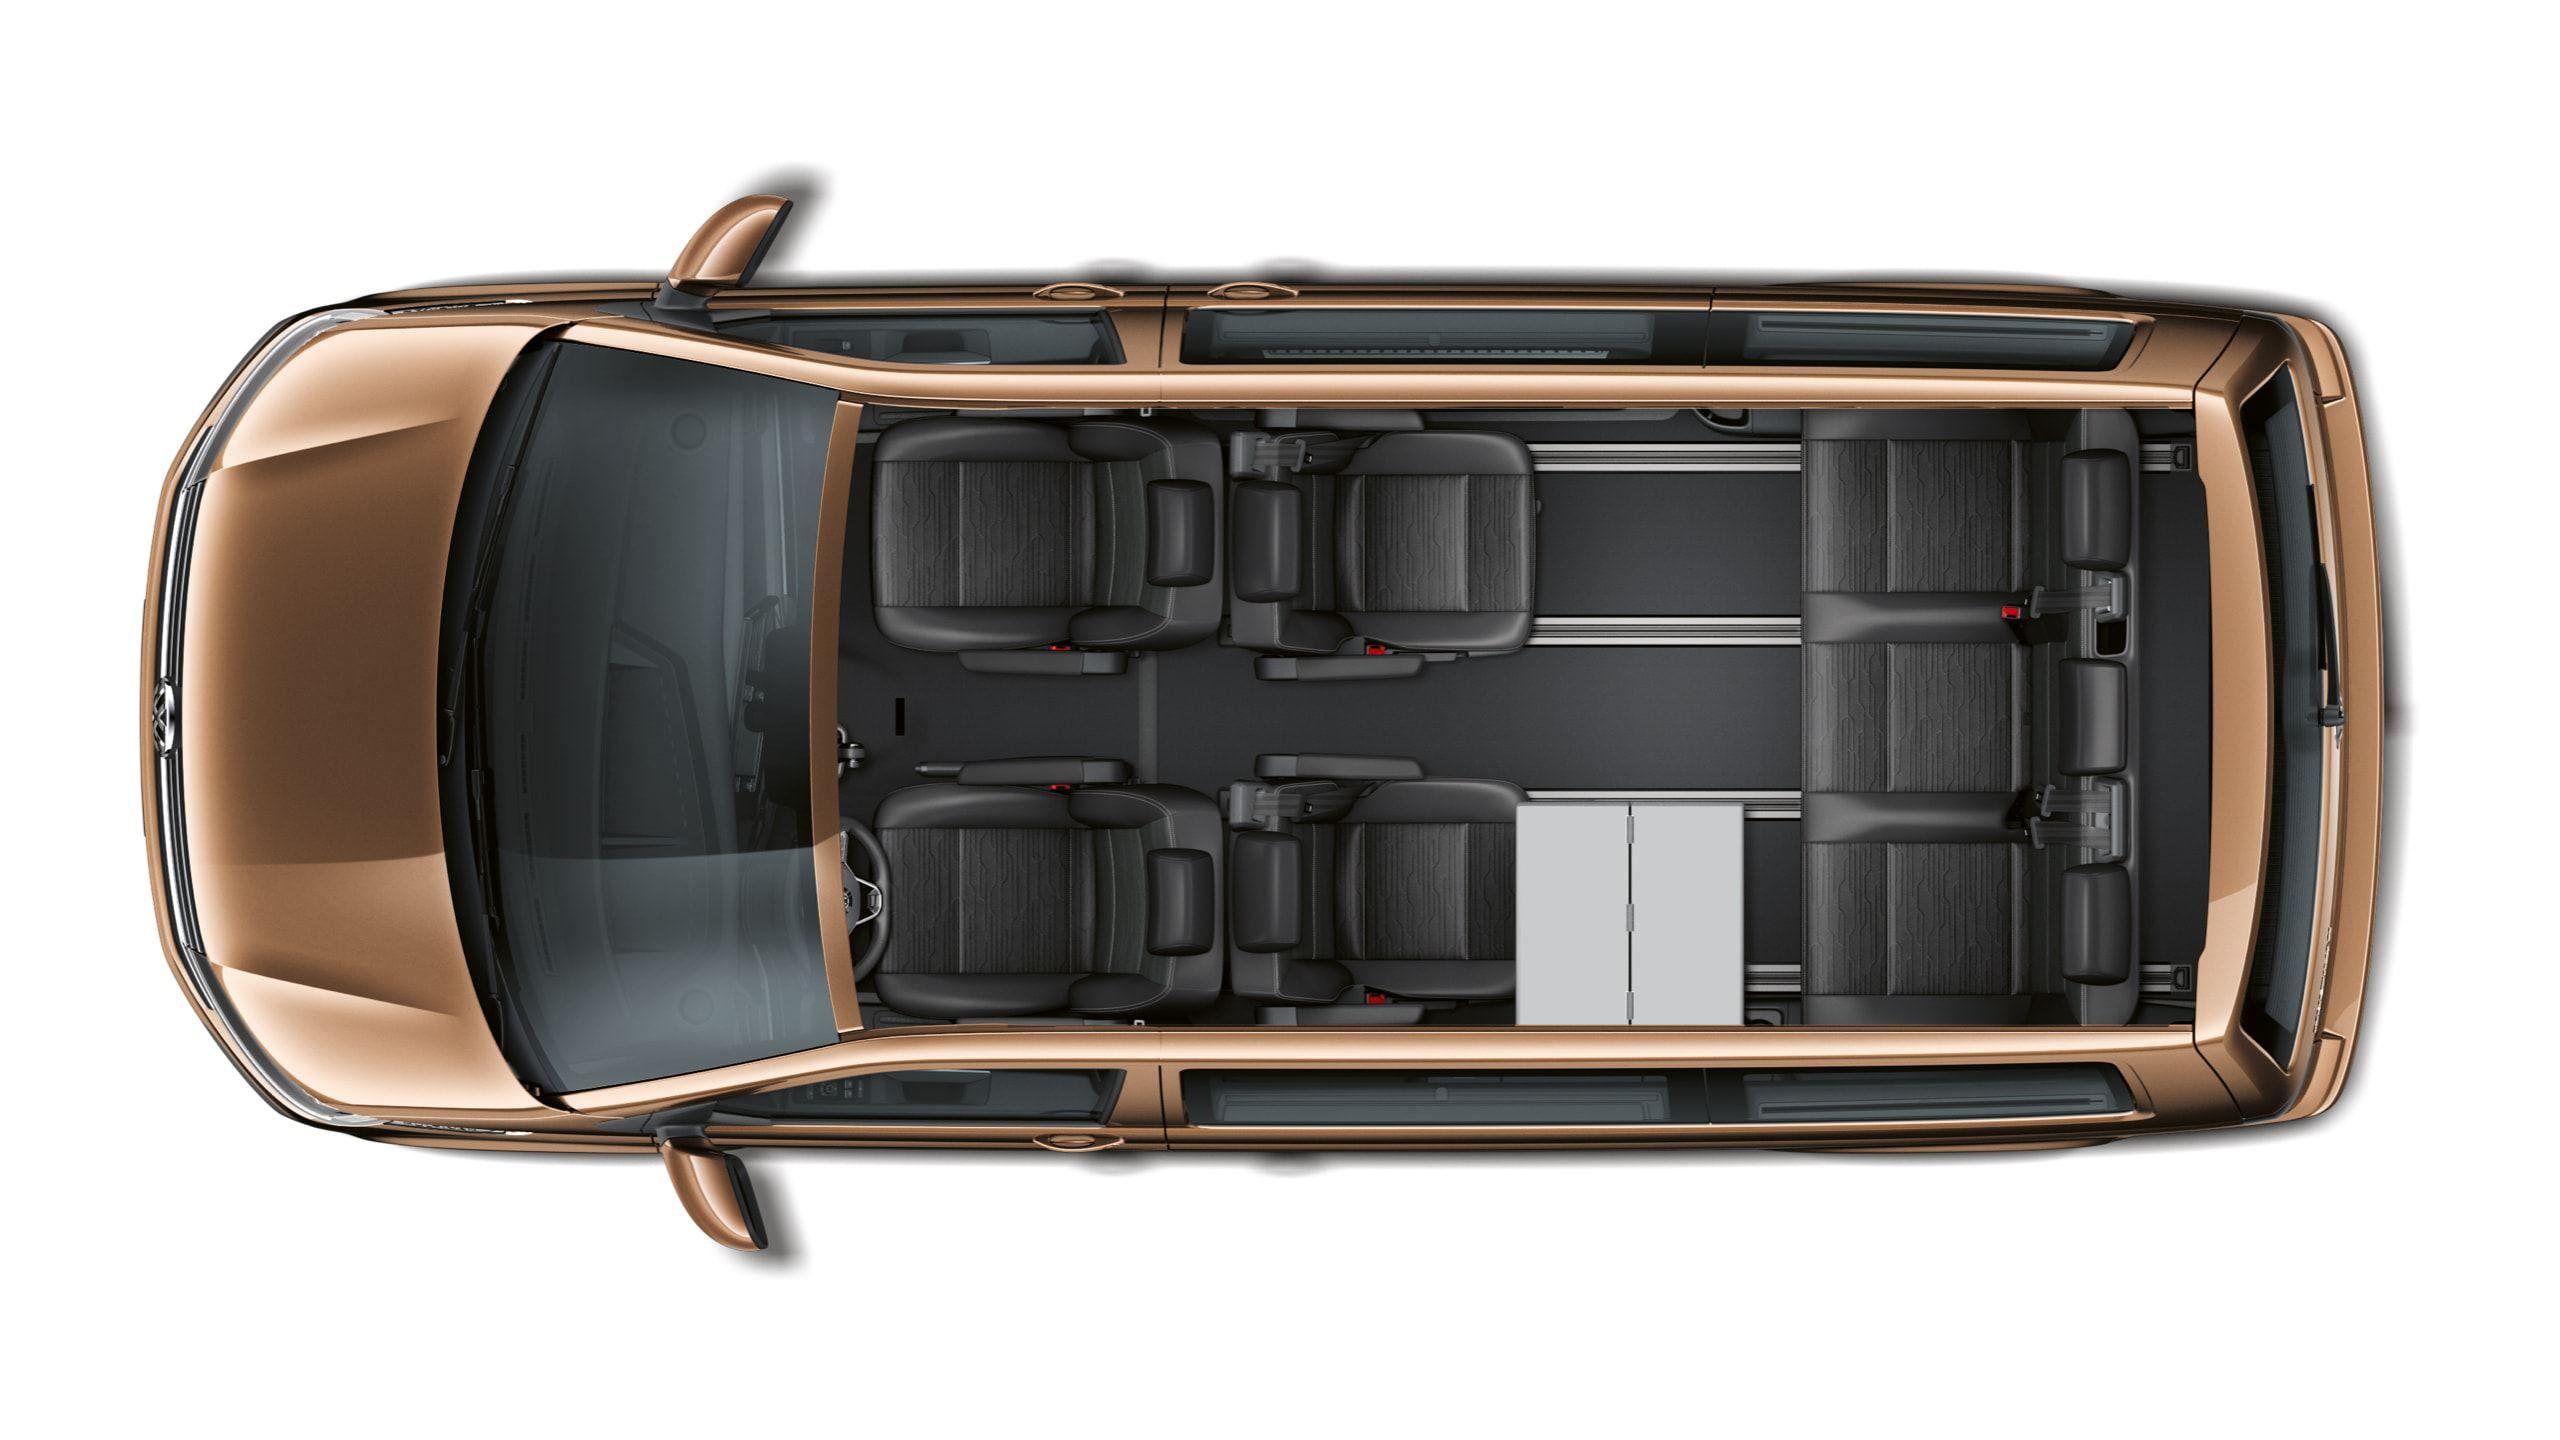 Удлинённый вариант кузова Multivan